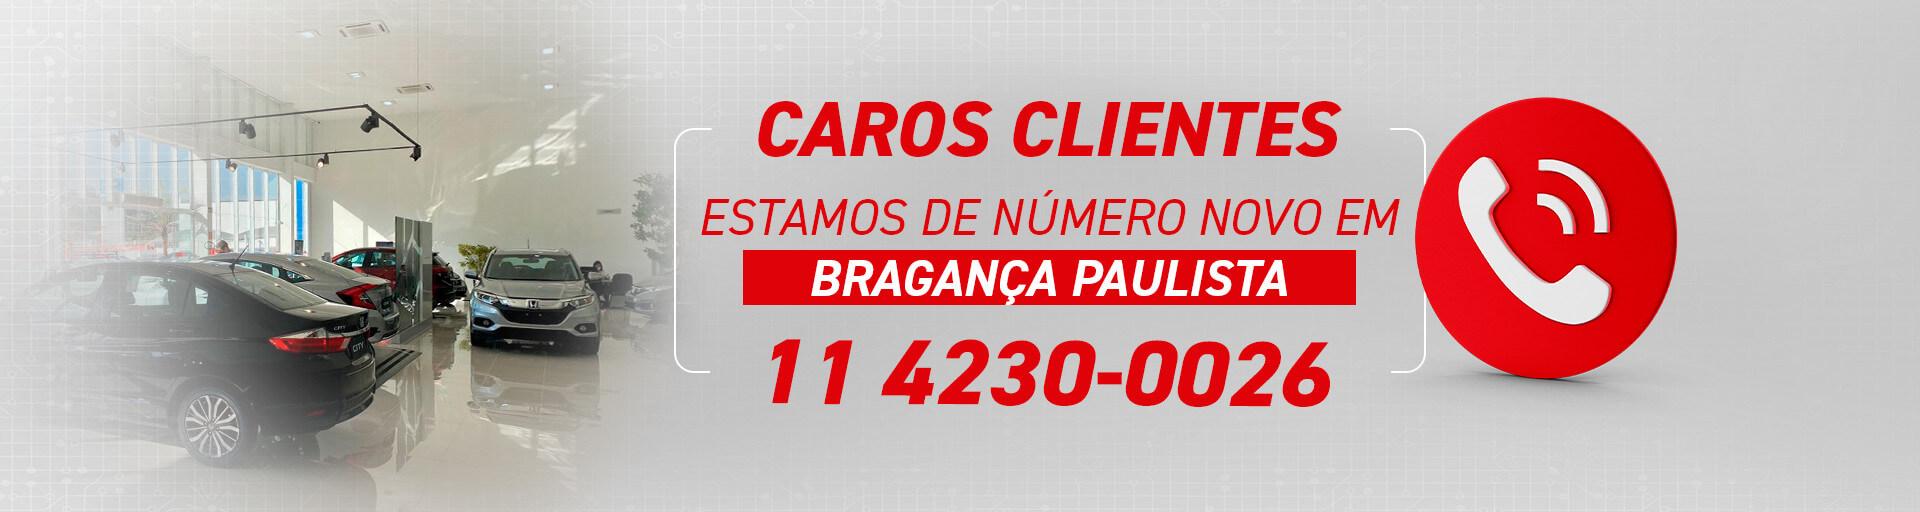 novo_numero_Braganca